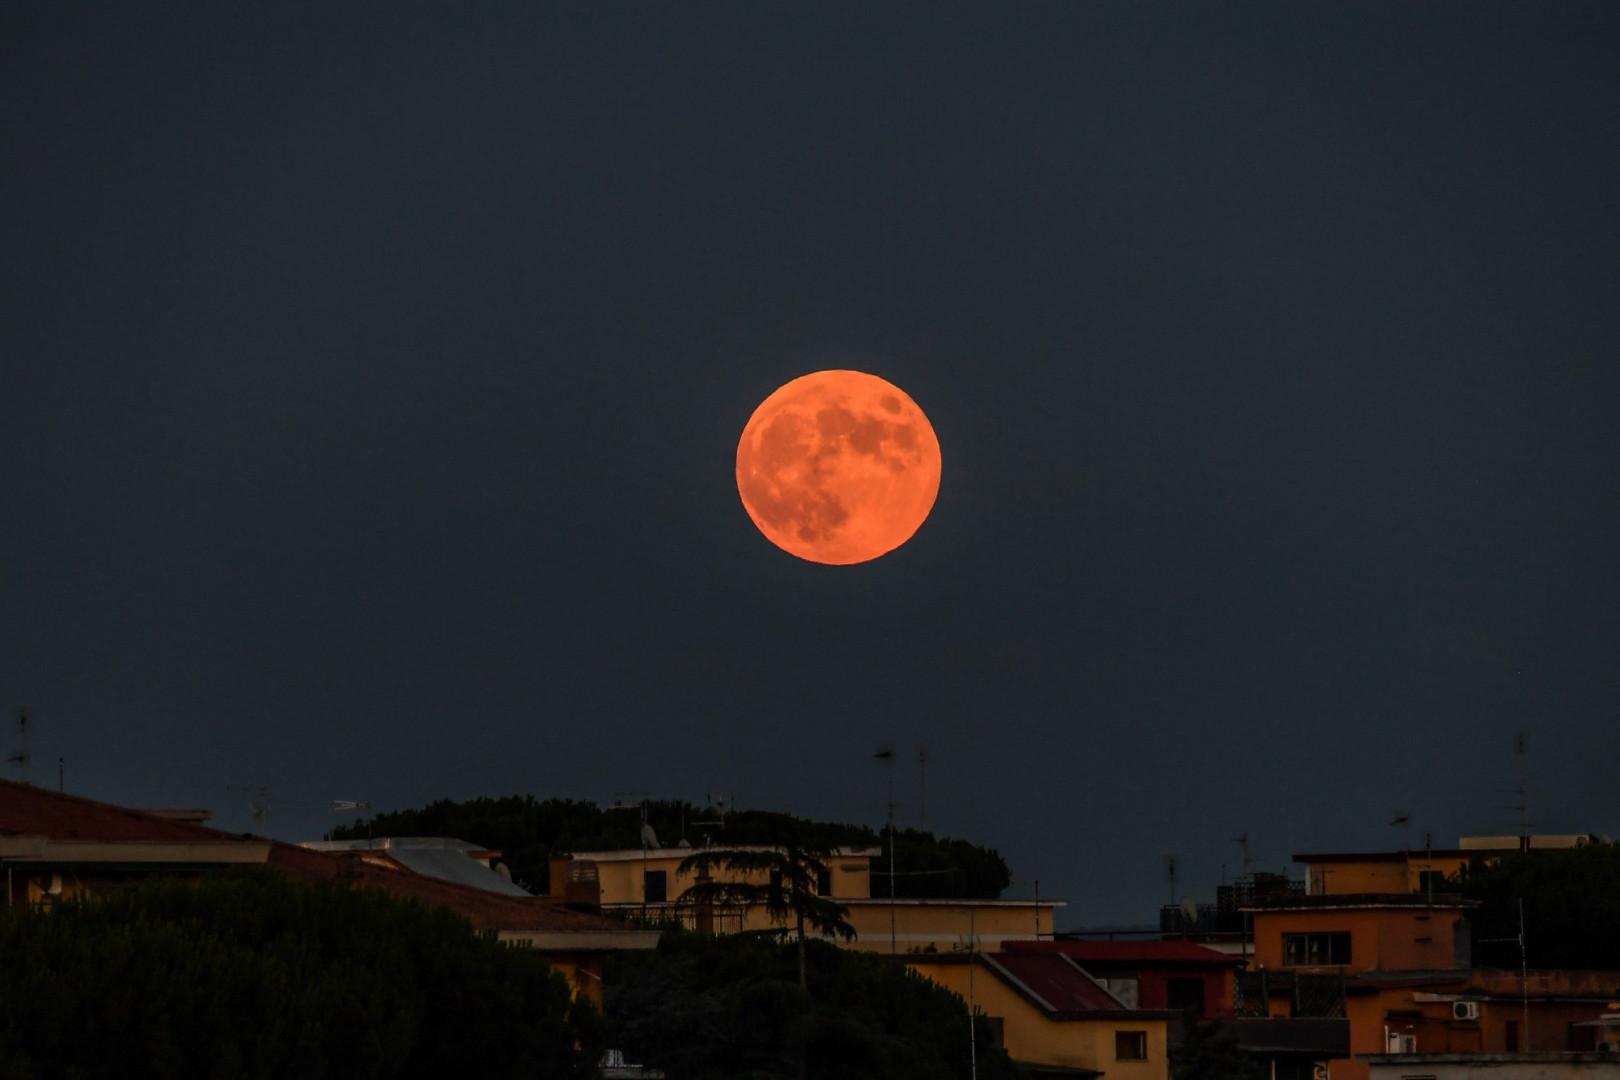 La Lune vue depuis Rome, en Italie, le 16 juillet 2019